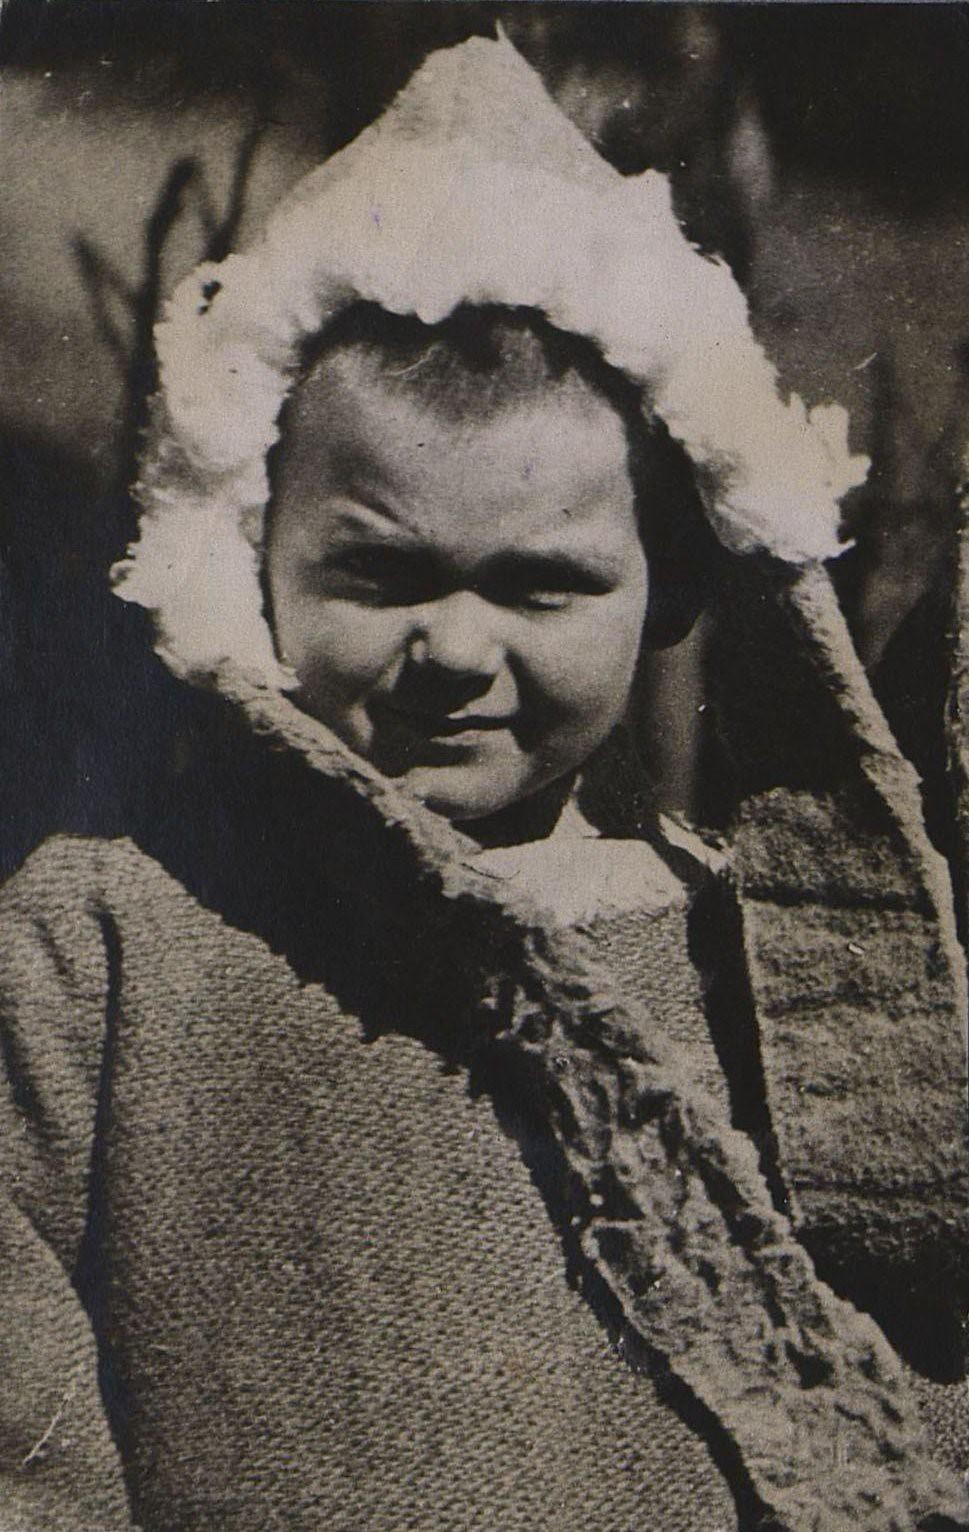 06. Шурик был настоящим эскимосом. 1 мая 1934